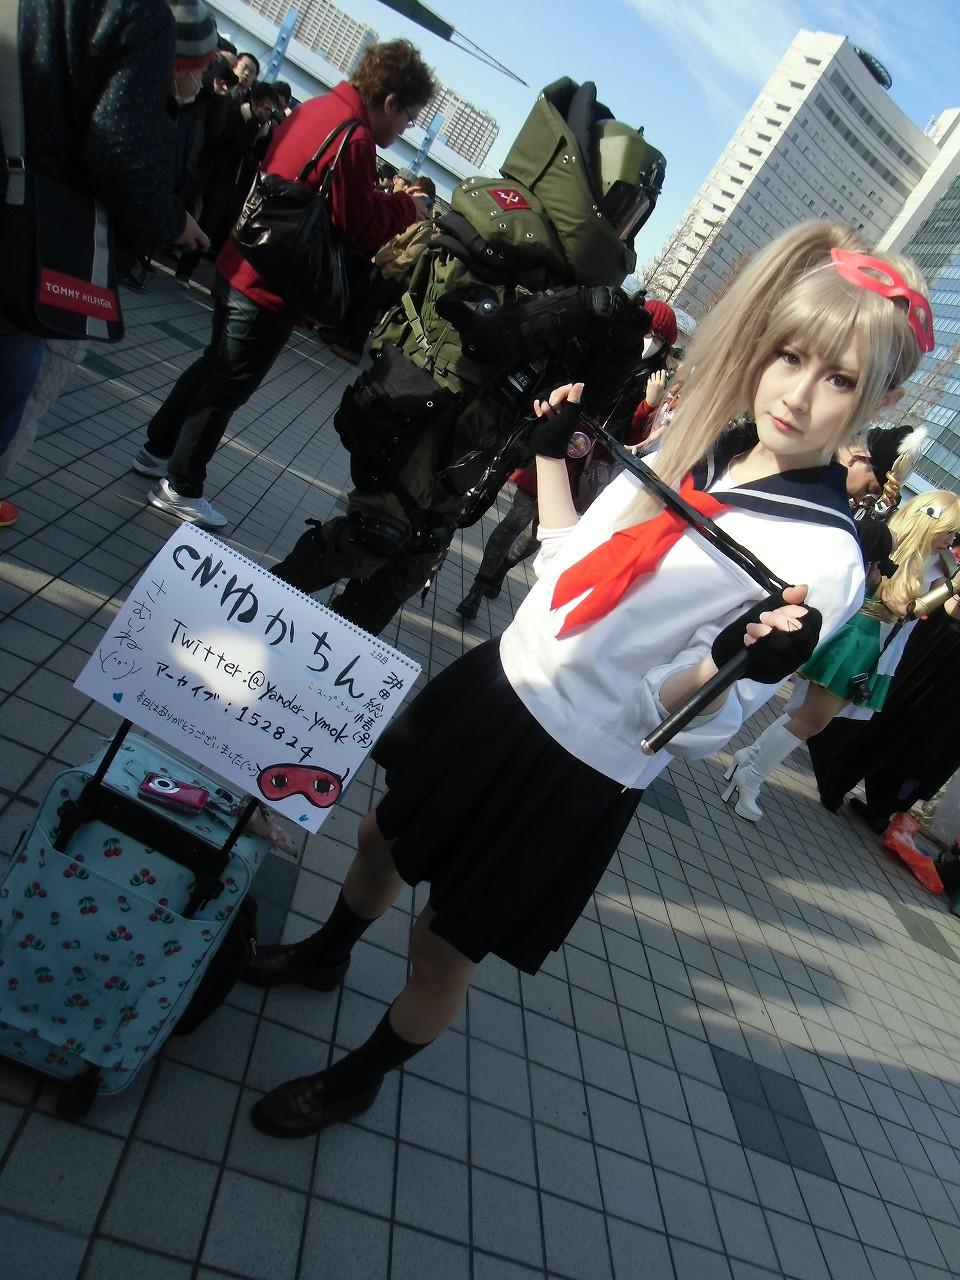 沖田総悟♀ ゆかちん 銀魂? C85 コミックマーケット コスプレ